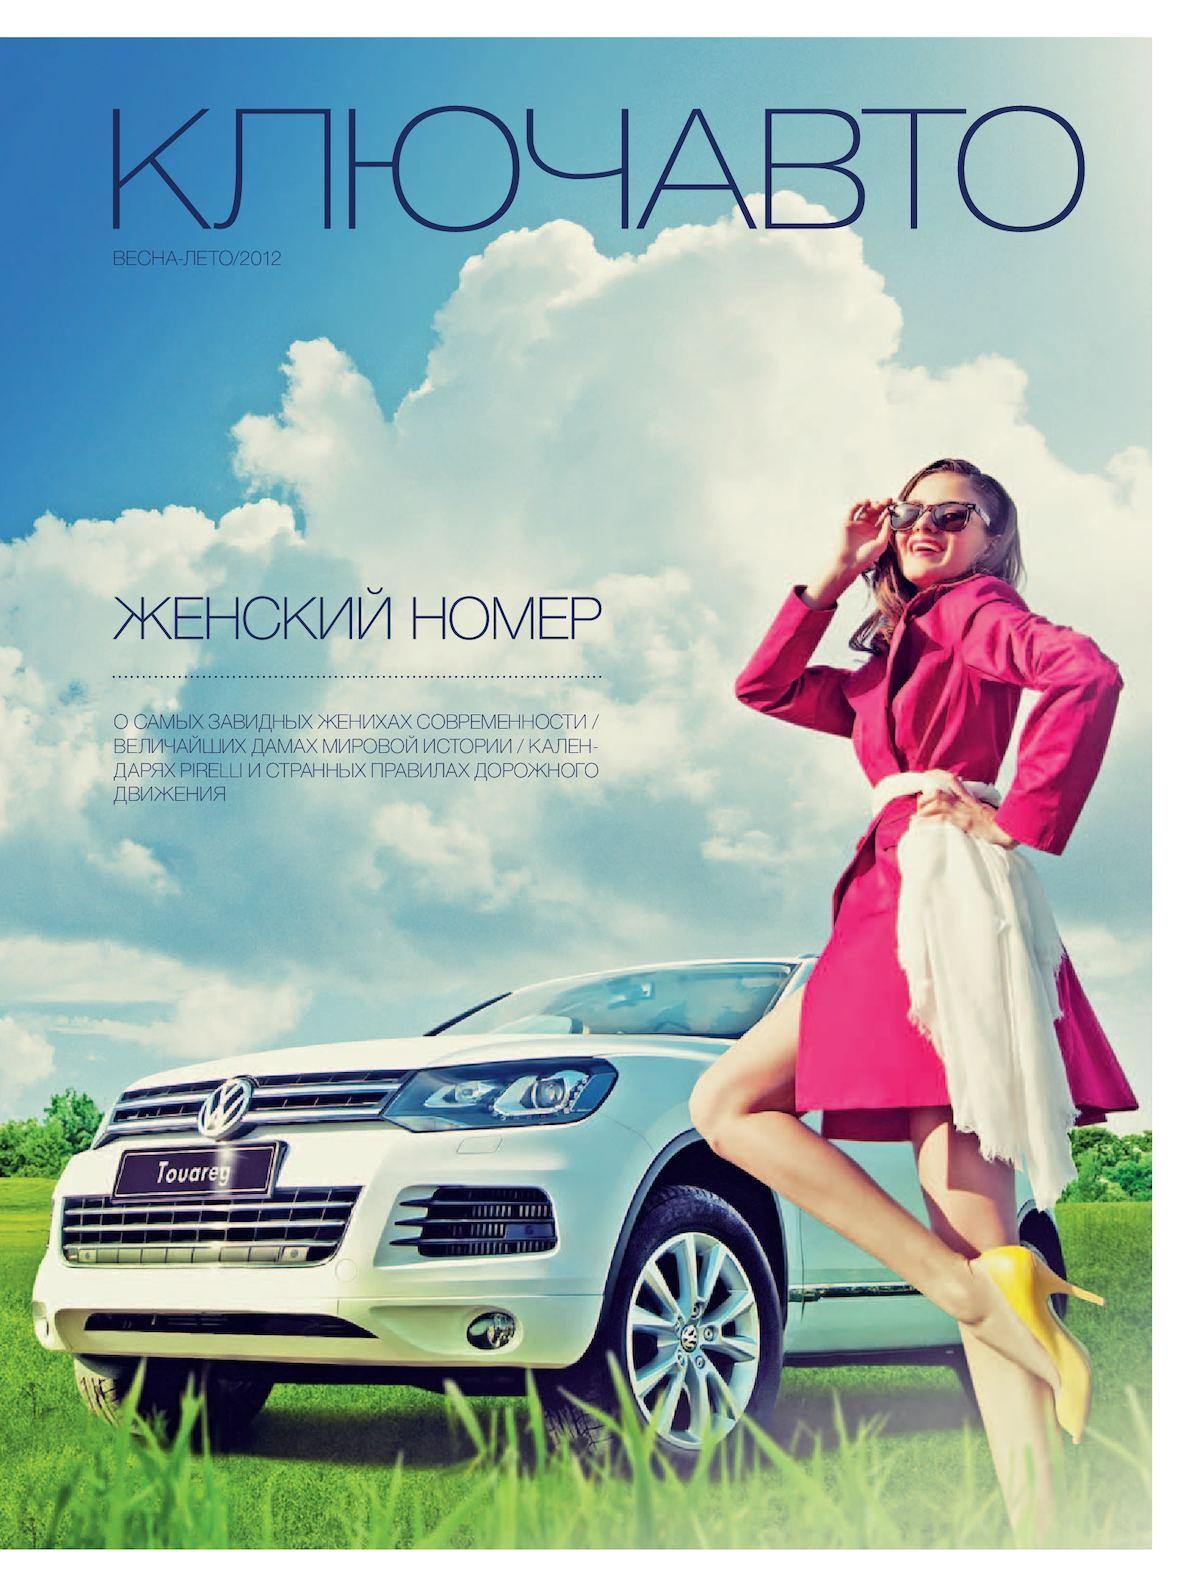 Работа в москве от прямых работодателей водитель перегонщик в автосалон вакансии в автосалон автомойщик москва